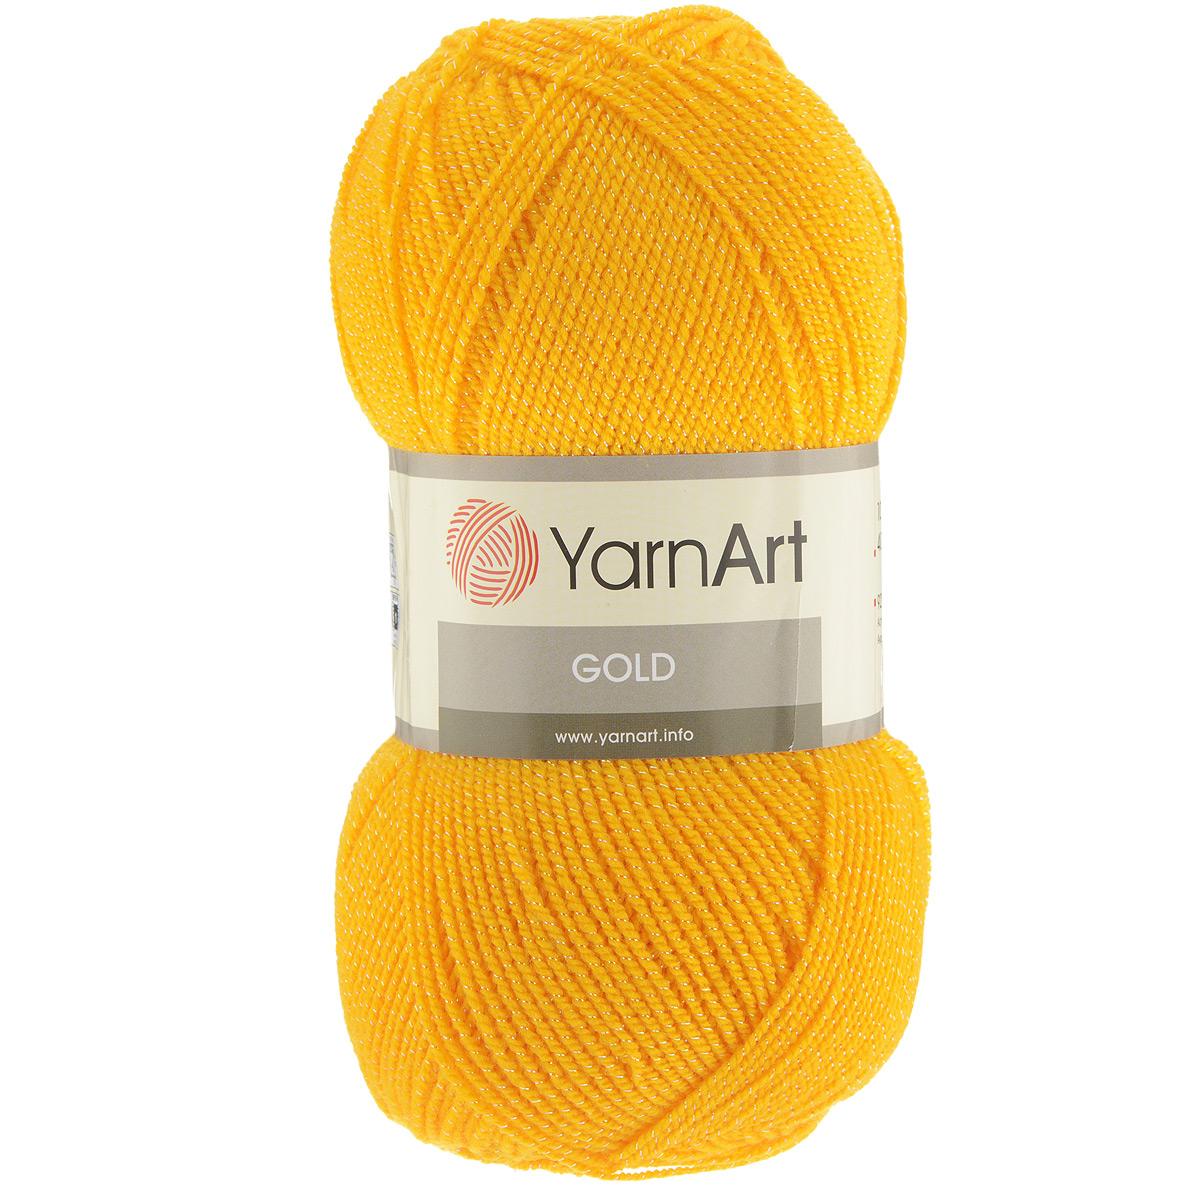 Пряжа для вязания YarnArt Gold, цвет: желтый (9047), 400 м, 100 г, 5 шт372007_9047Мерцающая нитка с люрексом для вязания YarnArt Gold равномерно окрашена с помощью стойких высококачественных красителей, нить плотно скручена, люрекс не выбивается в процессе вязания, петли ложатся равномерно. YarnArt Gold - декоративная пряжа с широкой цветовой палитрой, предназначенная для демисезонной одежды. Акрил защищает готовое изделие от деформации после стирки и сушки. Нить гибкая и эластичная, хорошо тянется, превосходно сохраняет форму после носки. Изысканная пряжа для создания вечерних нарядов выглядит дорого и стильно. Рекомендуется для вязания на спицах 2,75 мм и крючках 3,25 мм. Состав: 92% акрил, 8% метанит.